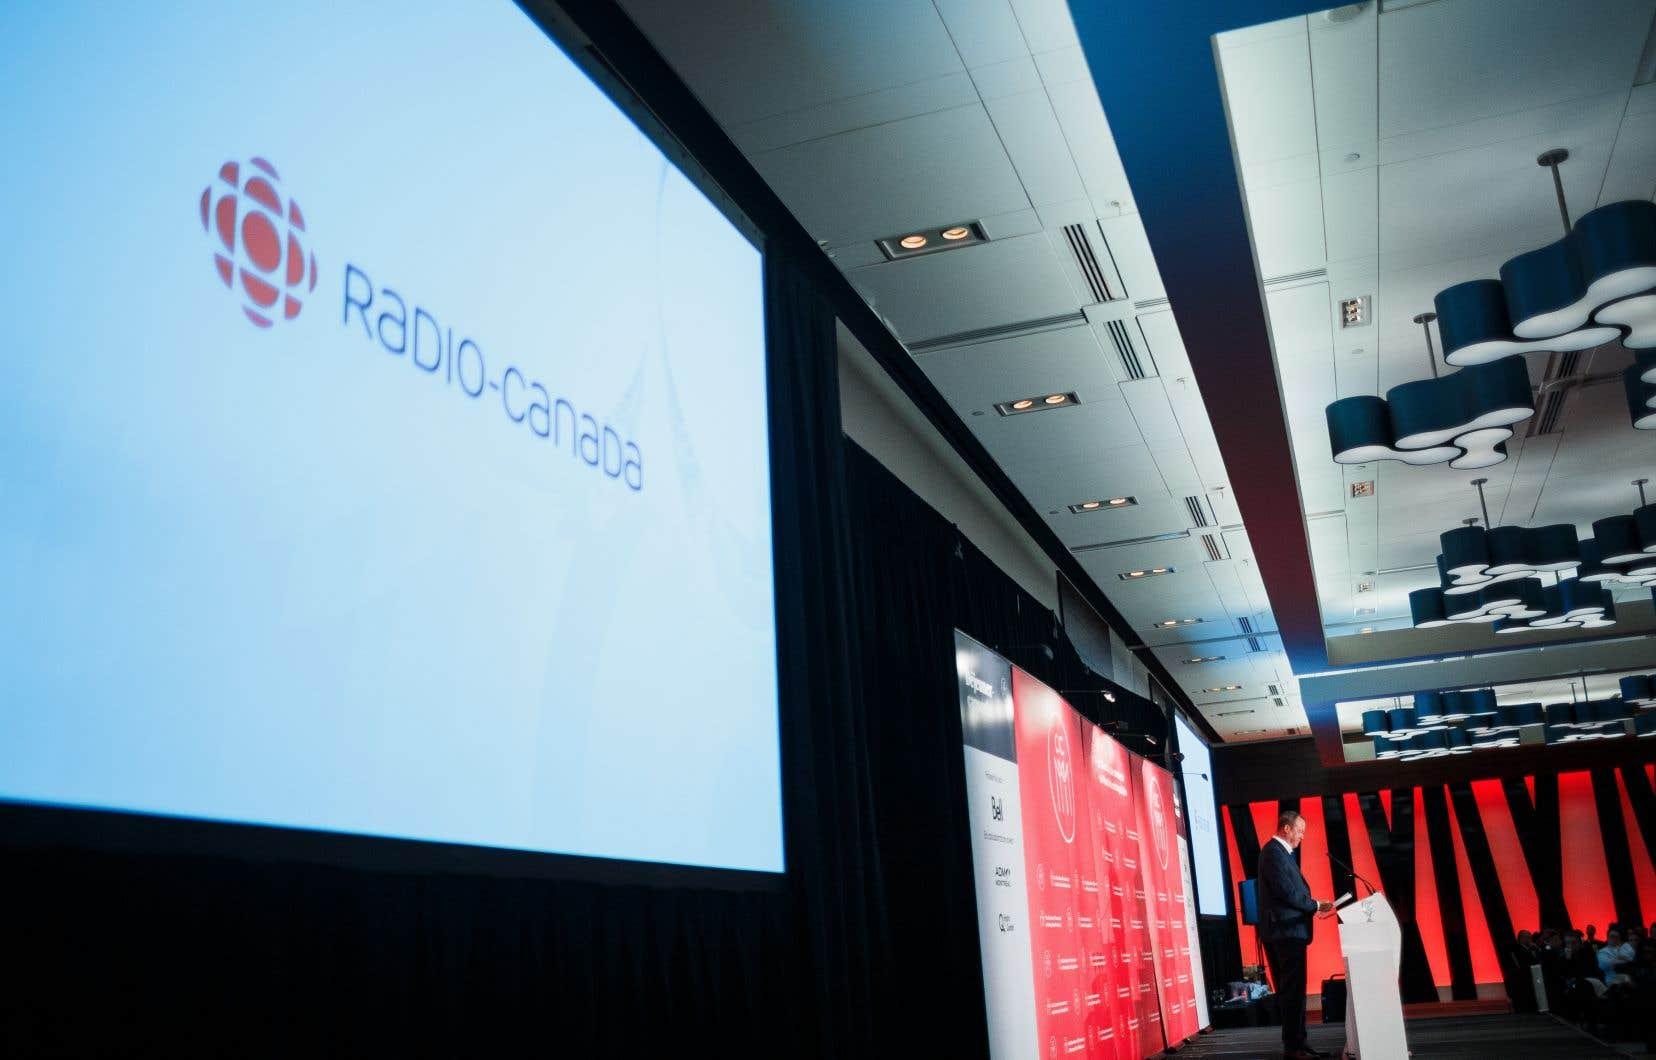 Le vice-président principal des services français de CBC/Radio-Canada, Michel Bissonnette